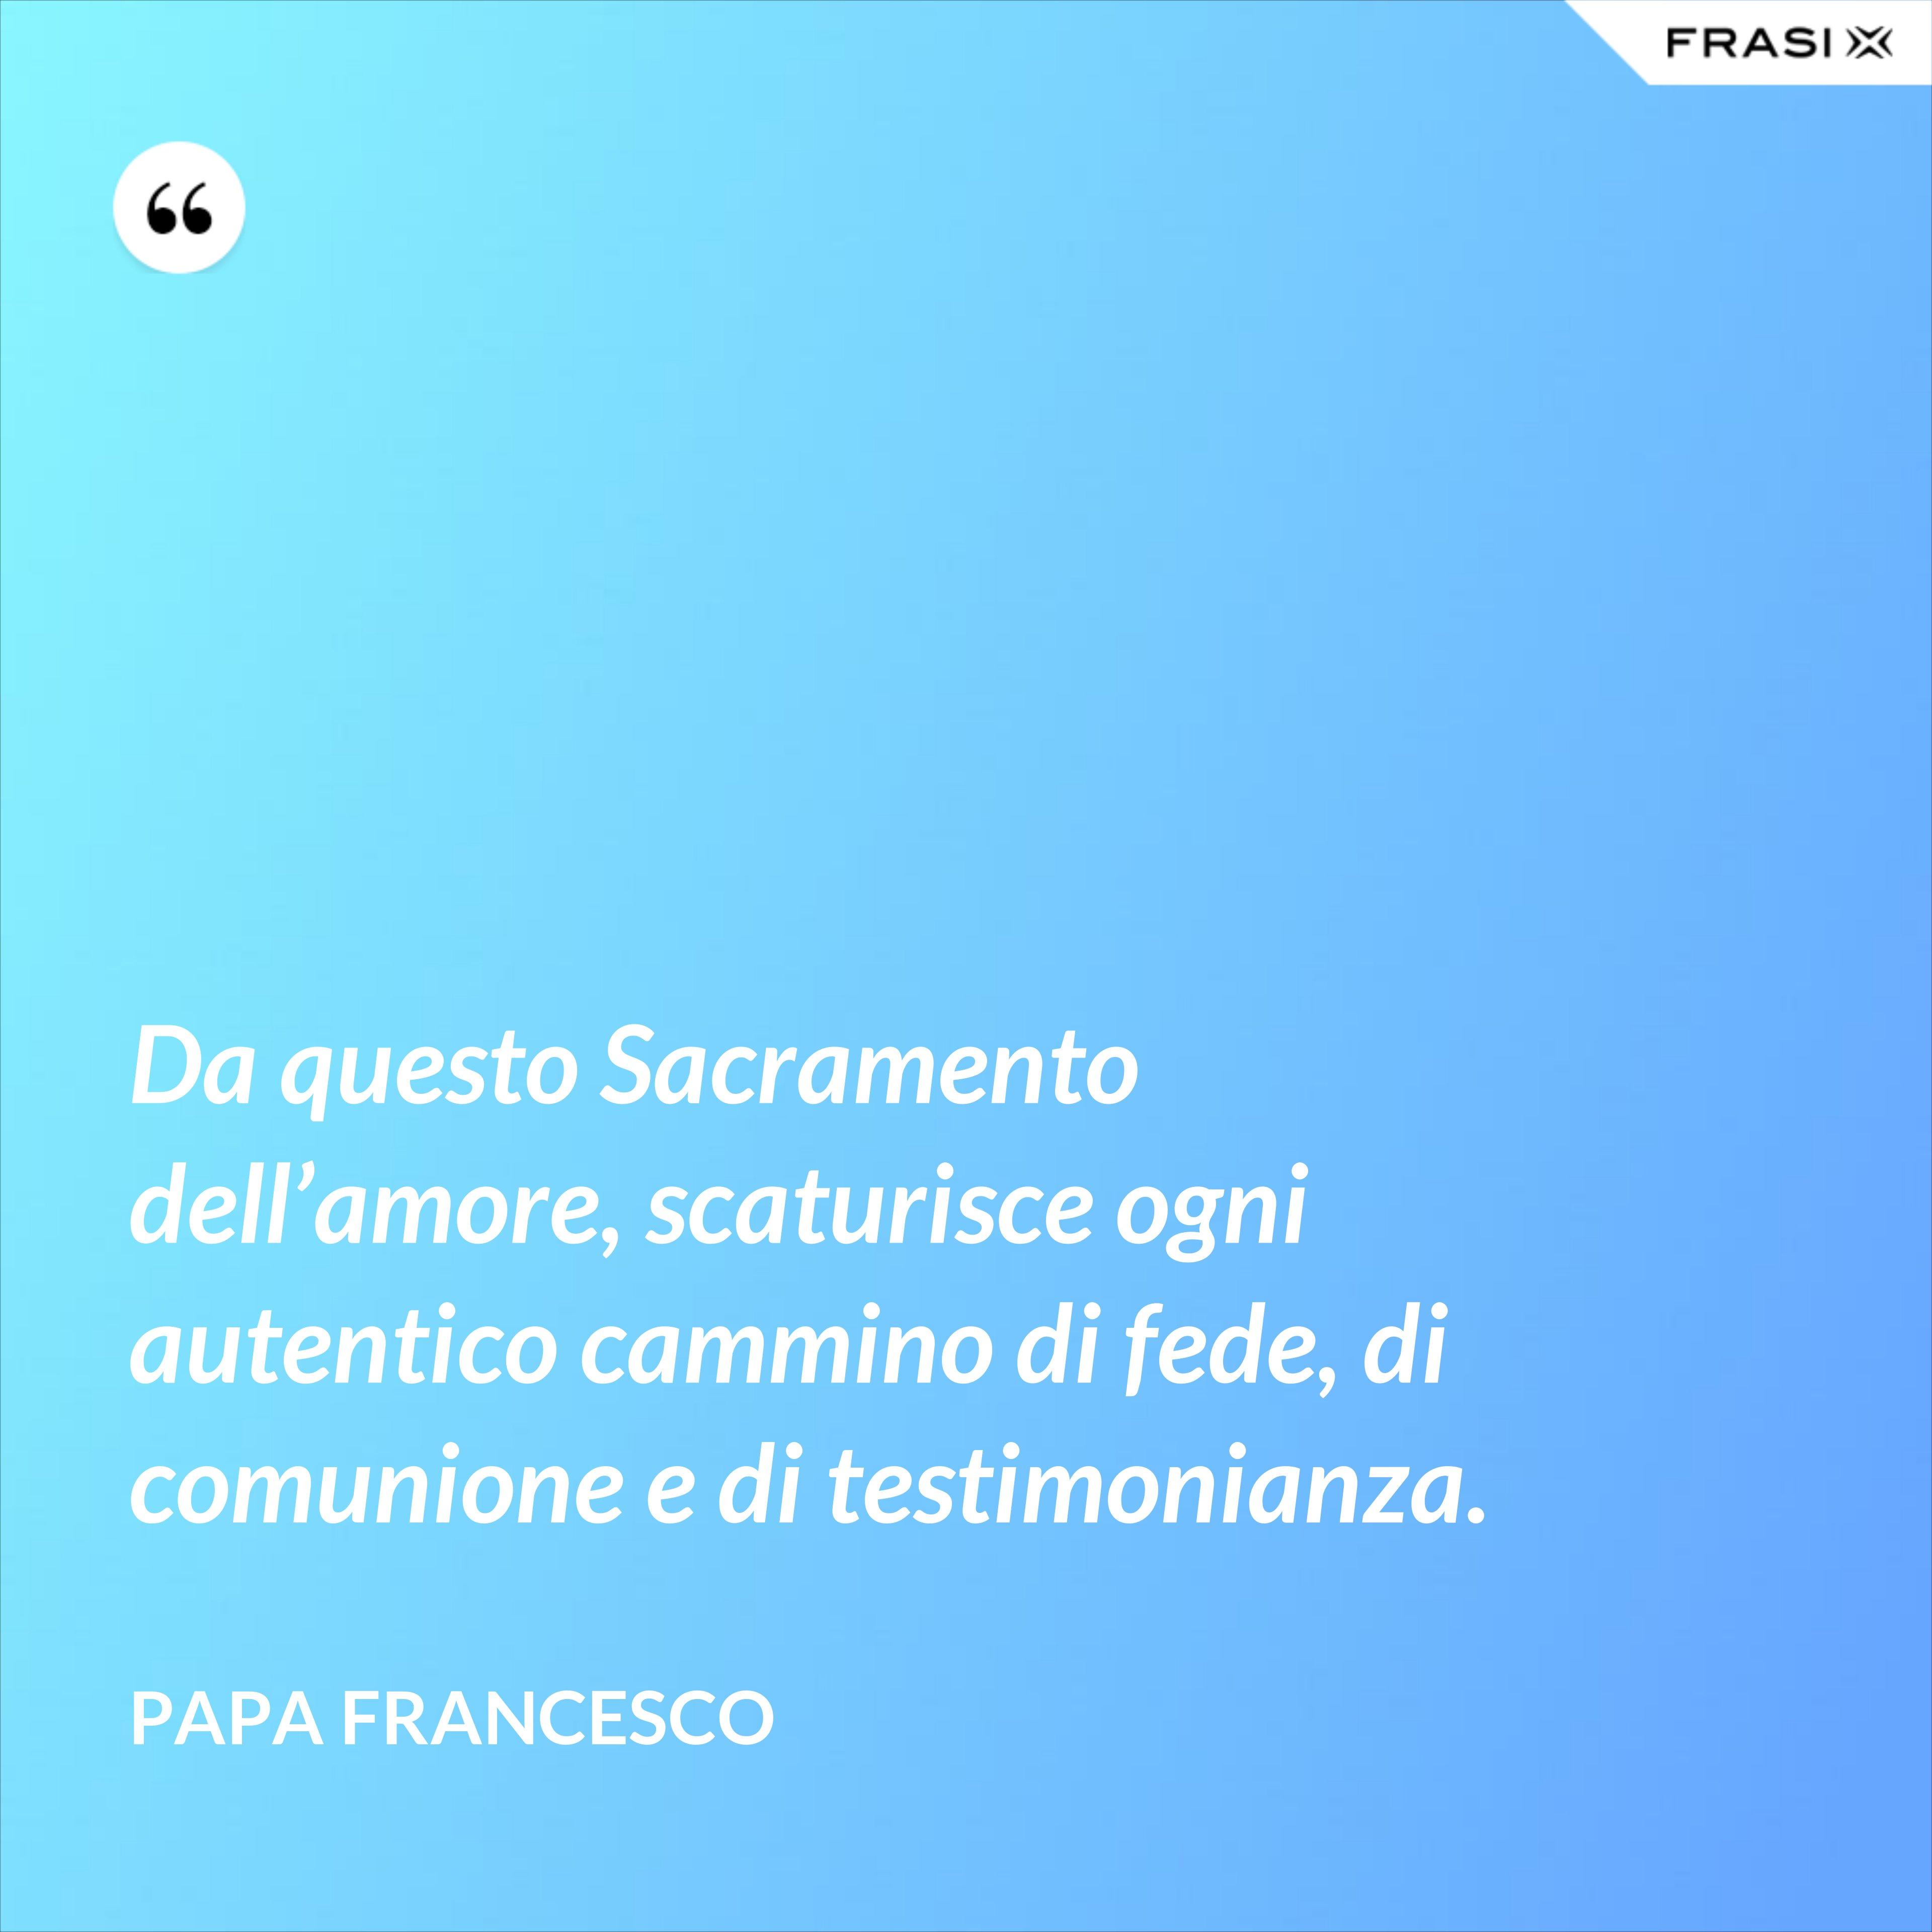 Da questo Sacramento dell'amore, scaturisce ogni autentico cammino di fede, di comunione e di testimonianza. - Papa Francesco